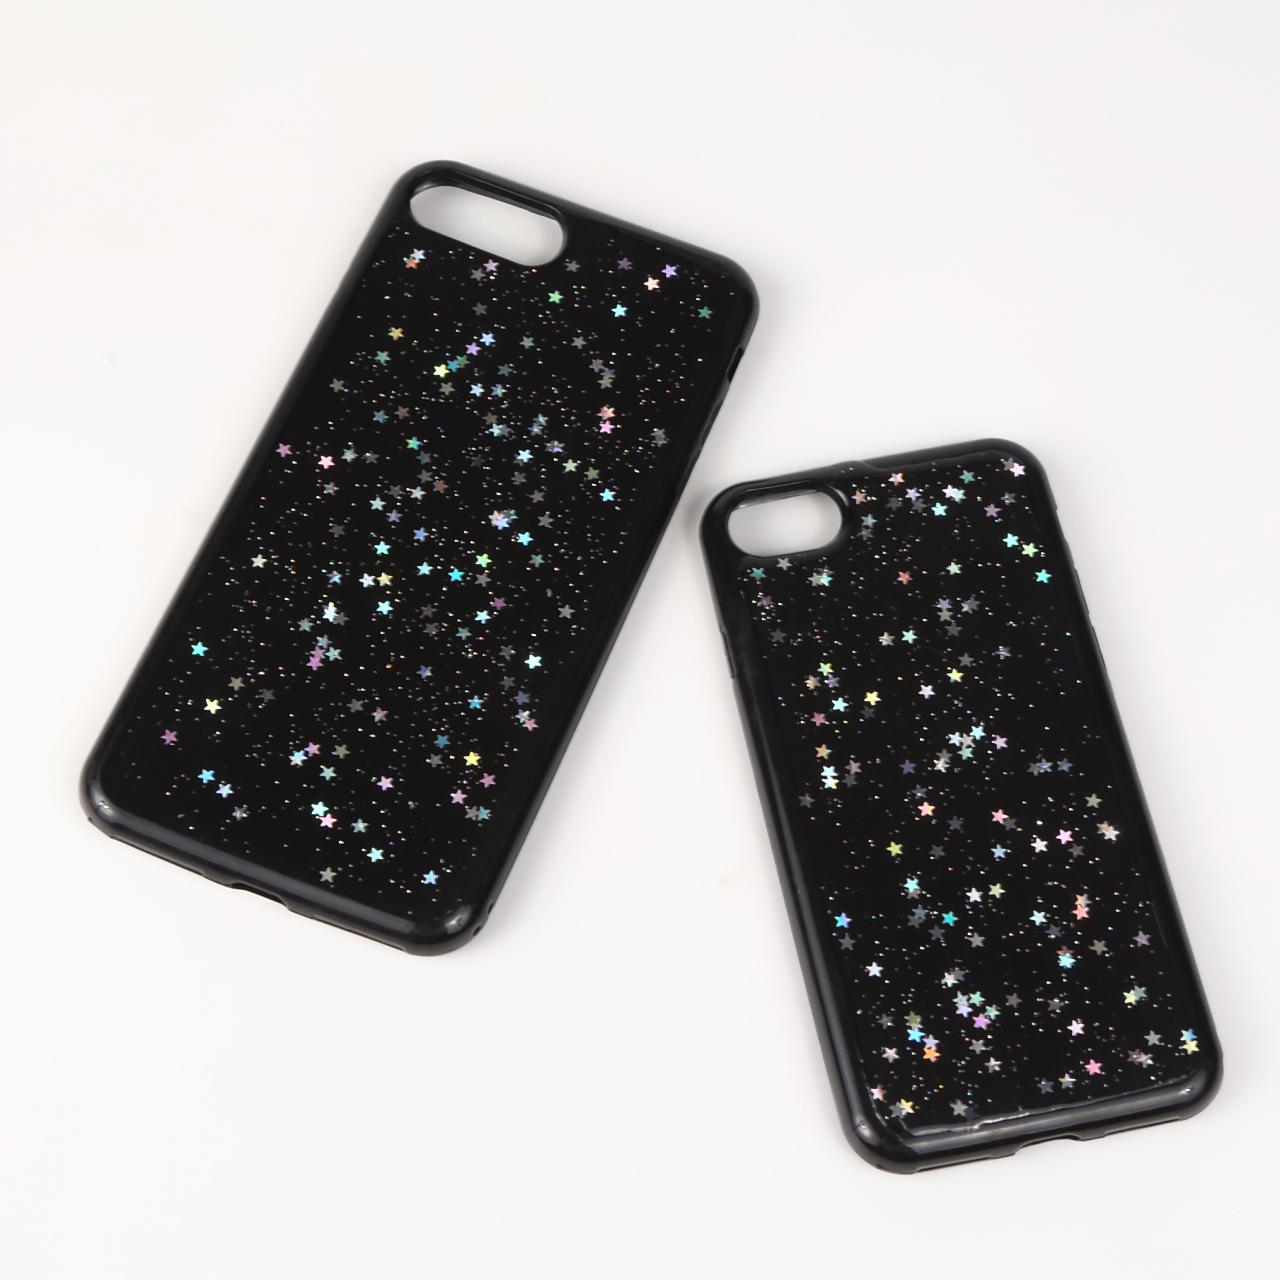 【即納★送料無料】かわいい キラキラ グリッター 星のラメ iPhoneケース